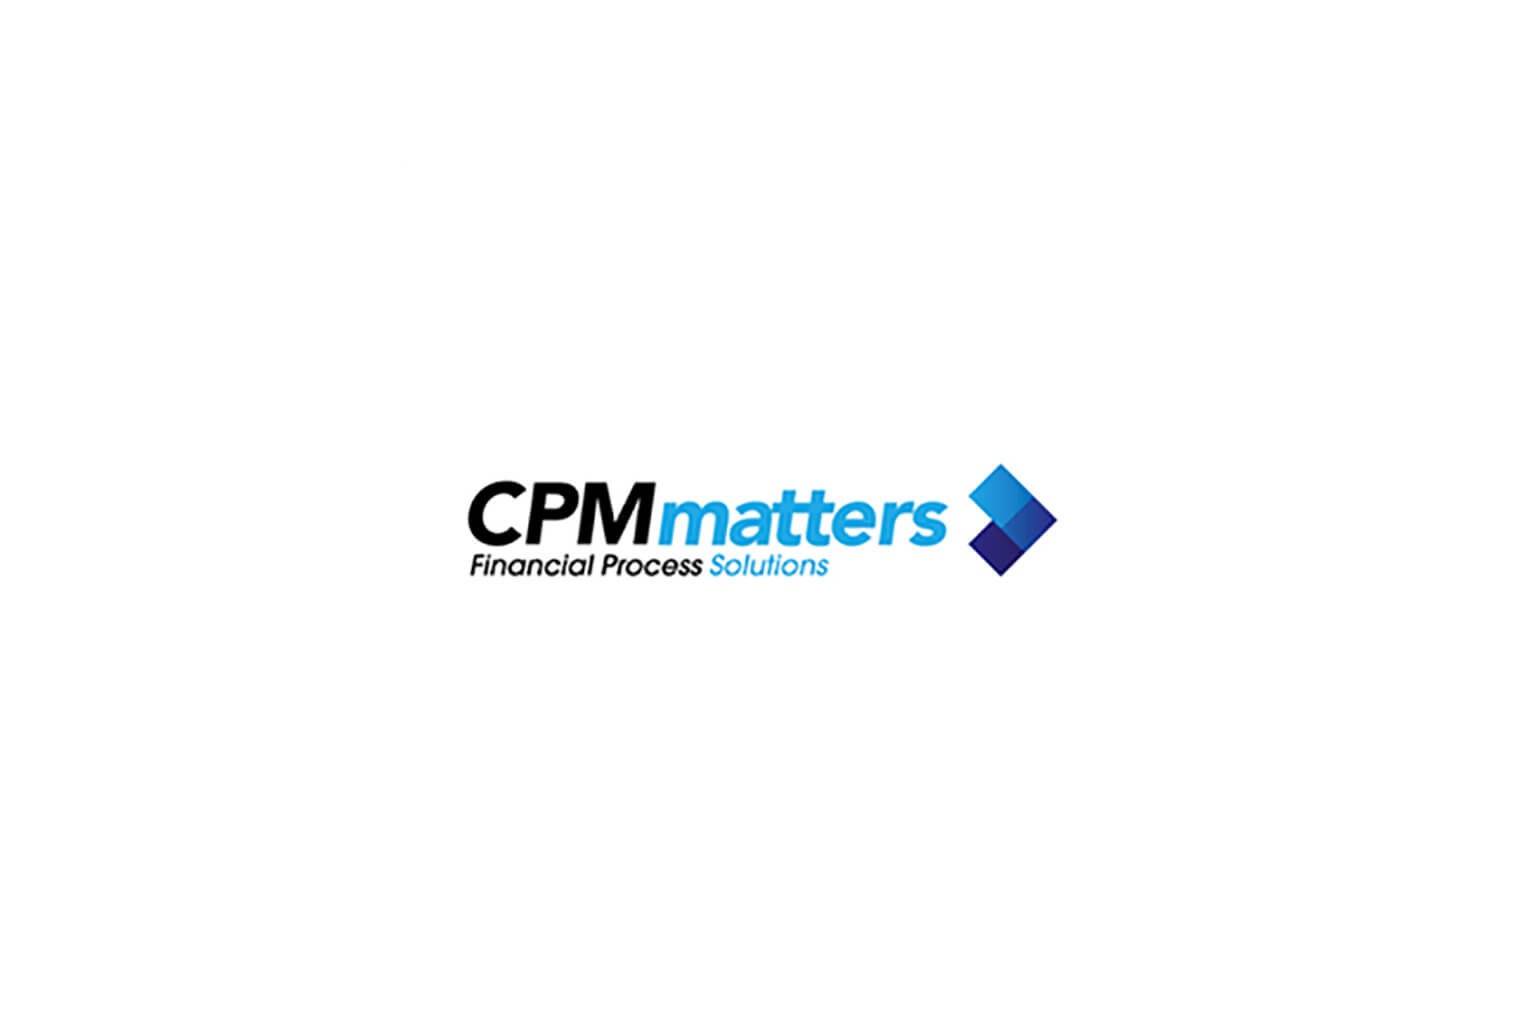 CPMmatters